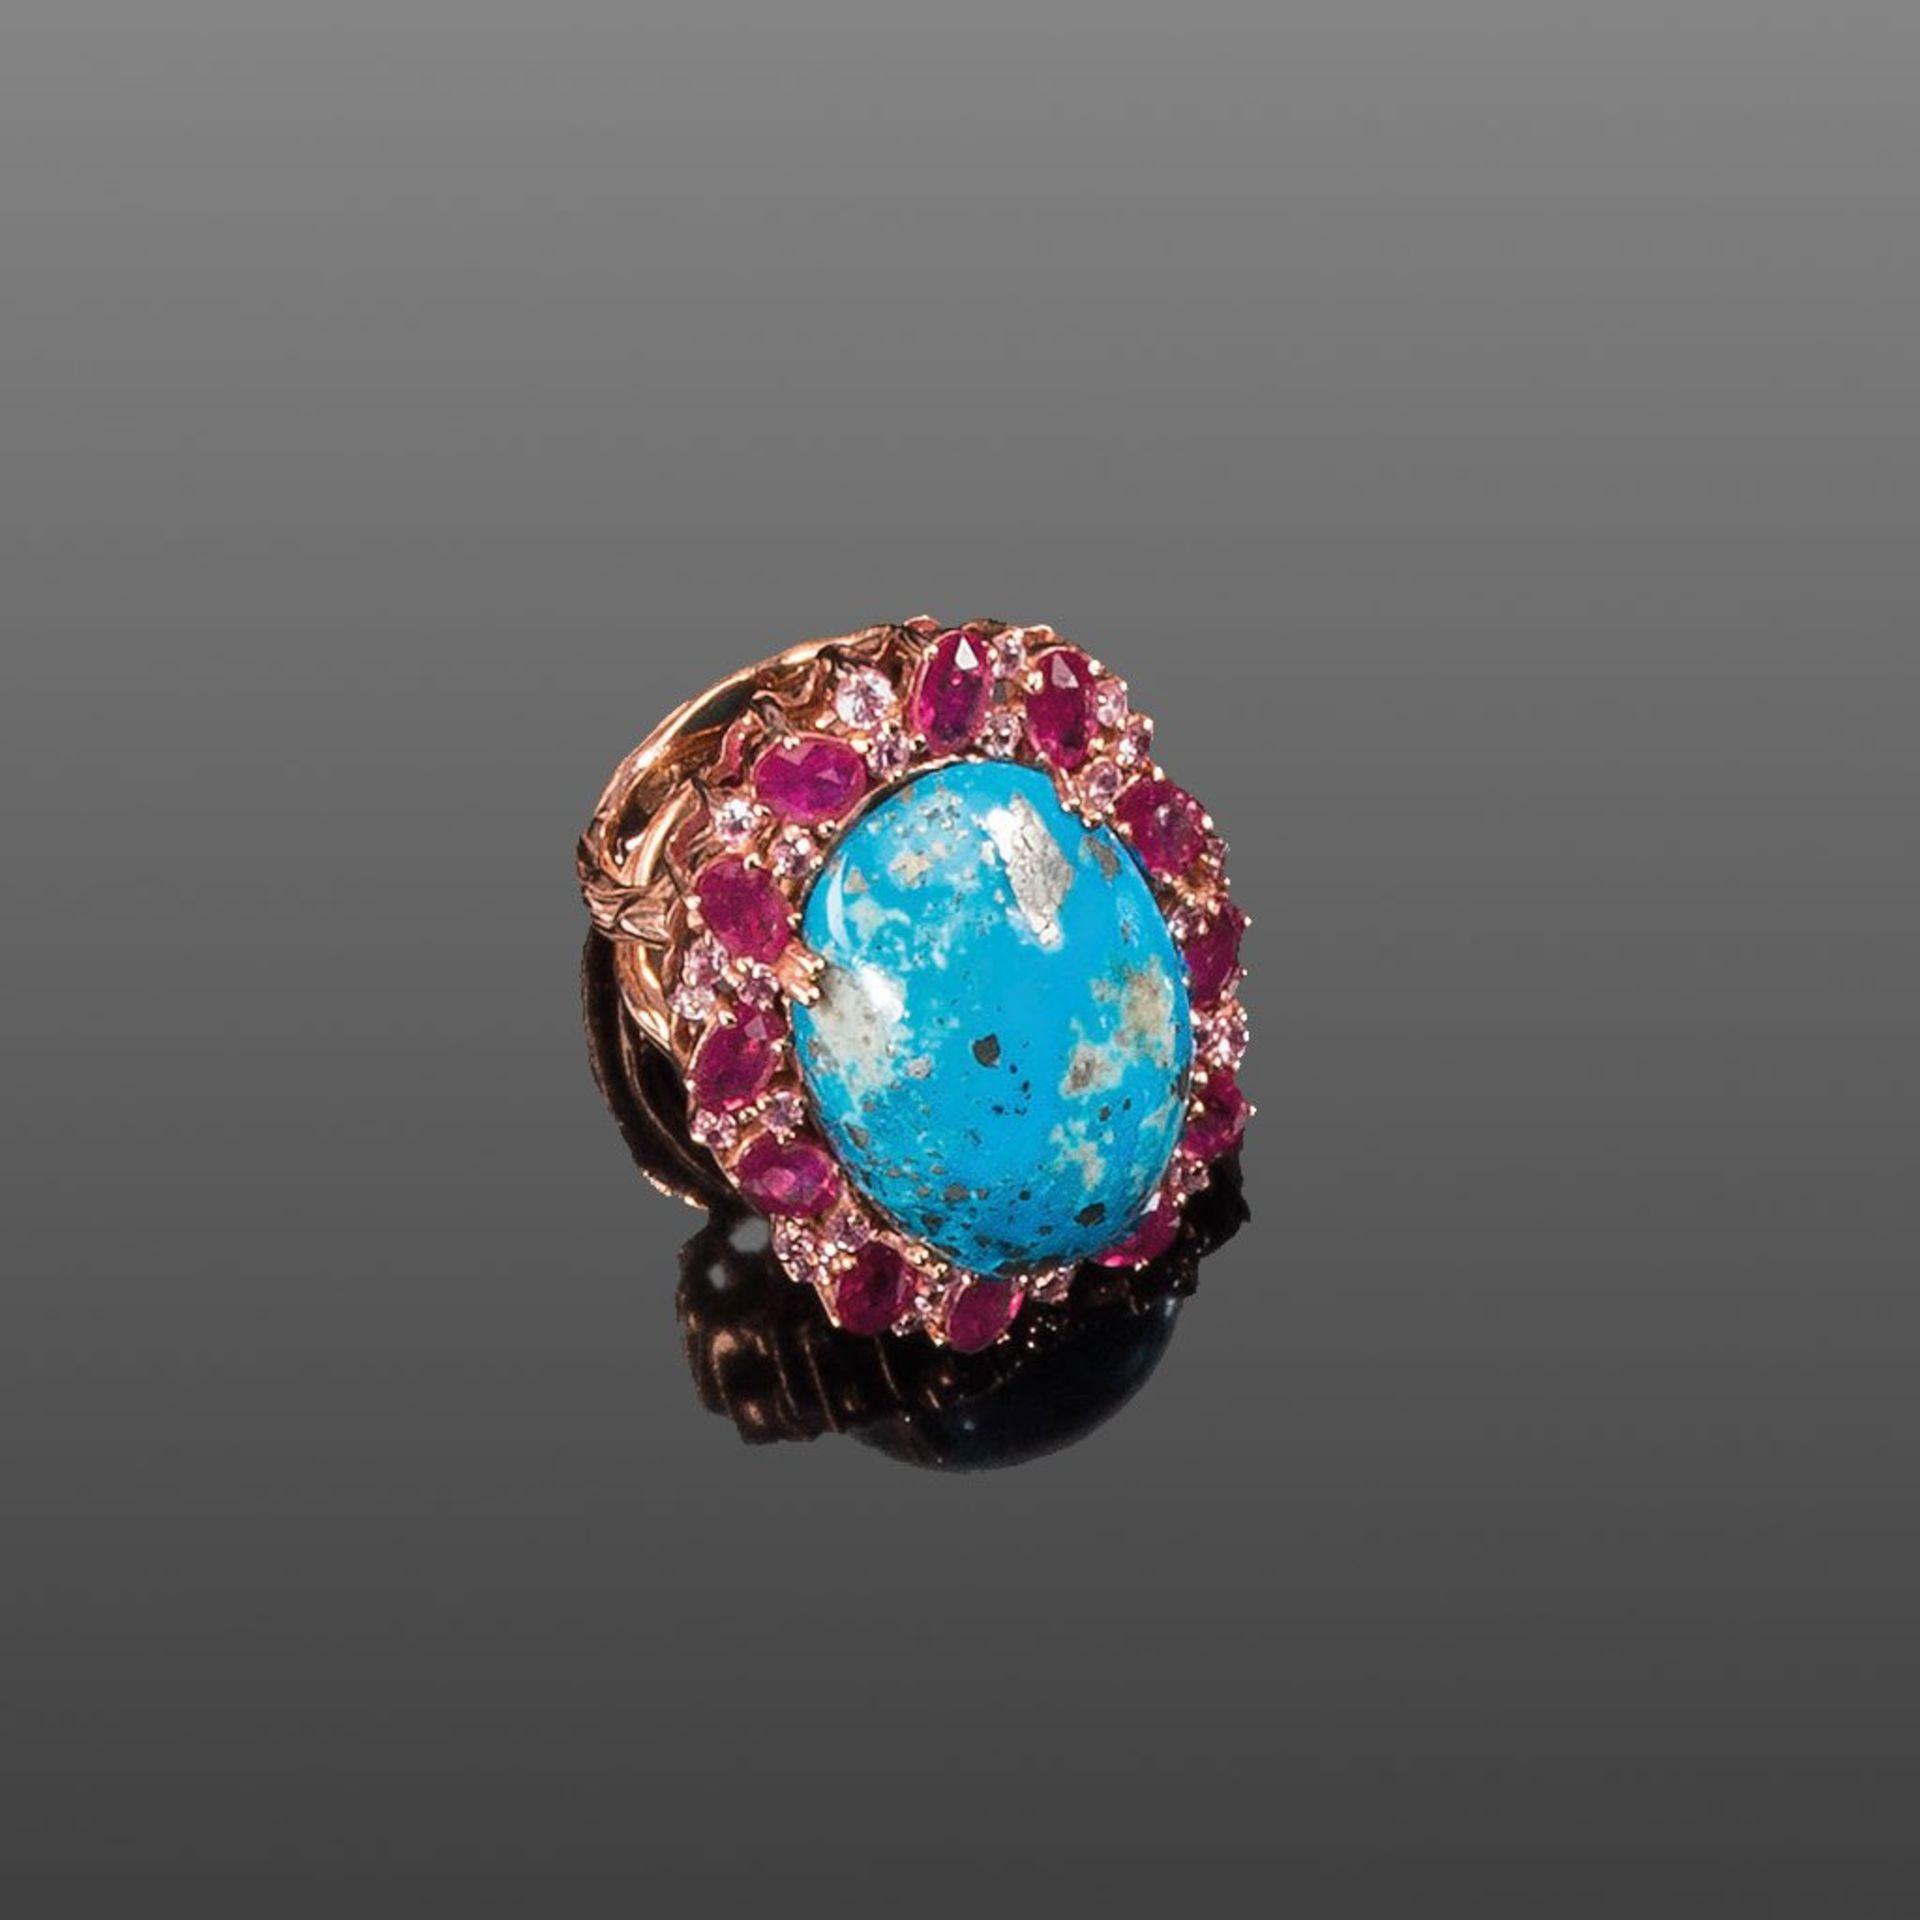 Ungewöhnlicher Türkis-/Rubinring. Rubine, pinkfarbene Saphire und großer Arizona-Türkis ca. 43,70